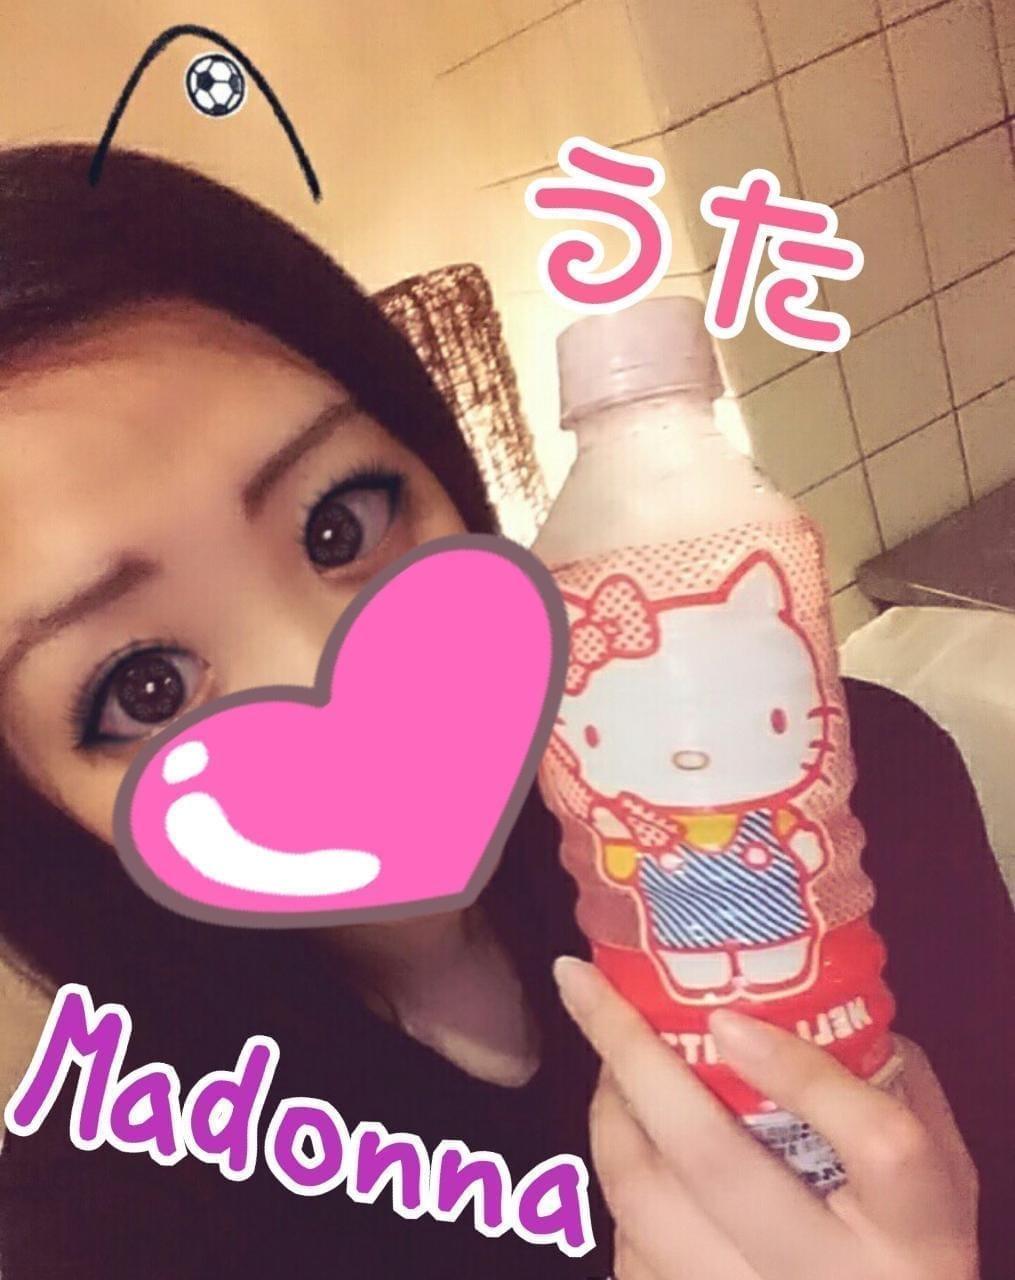 「ビジホの本指様???」10/16(火) 07:15   ウタの写メ・風俗動画